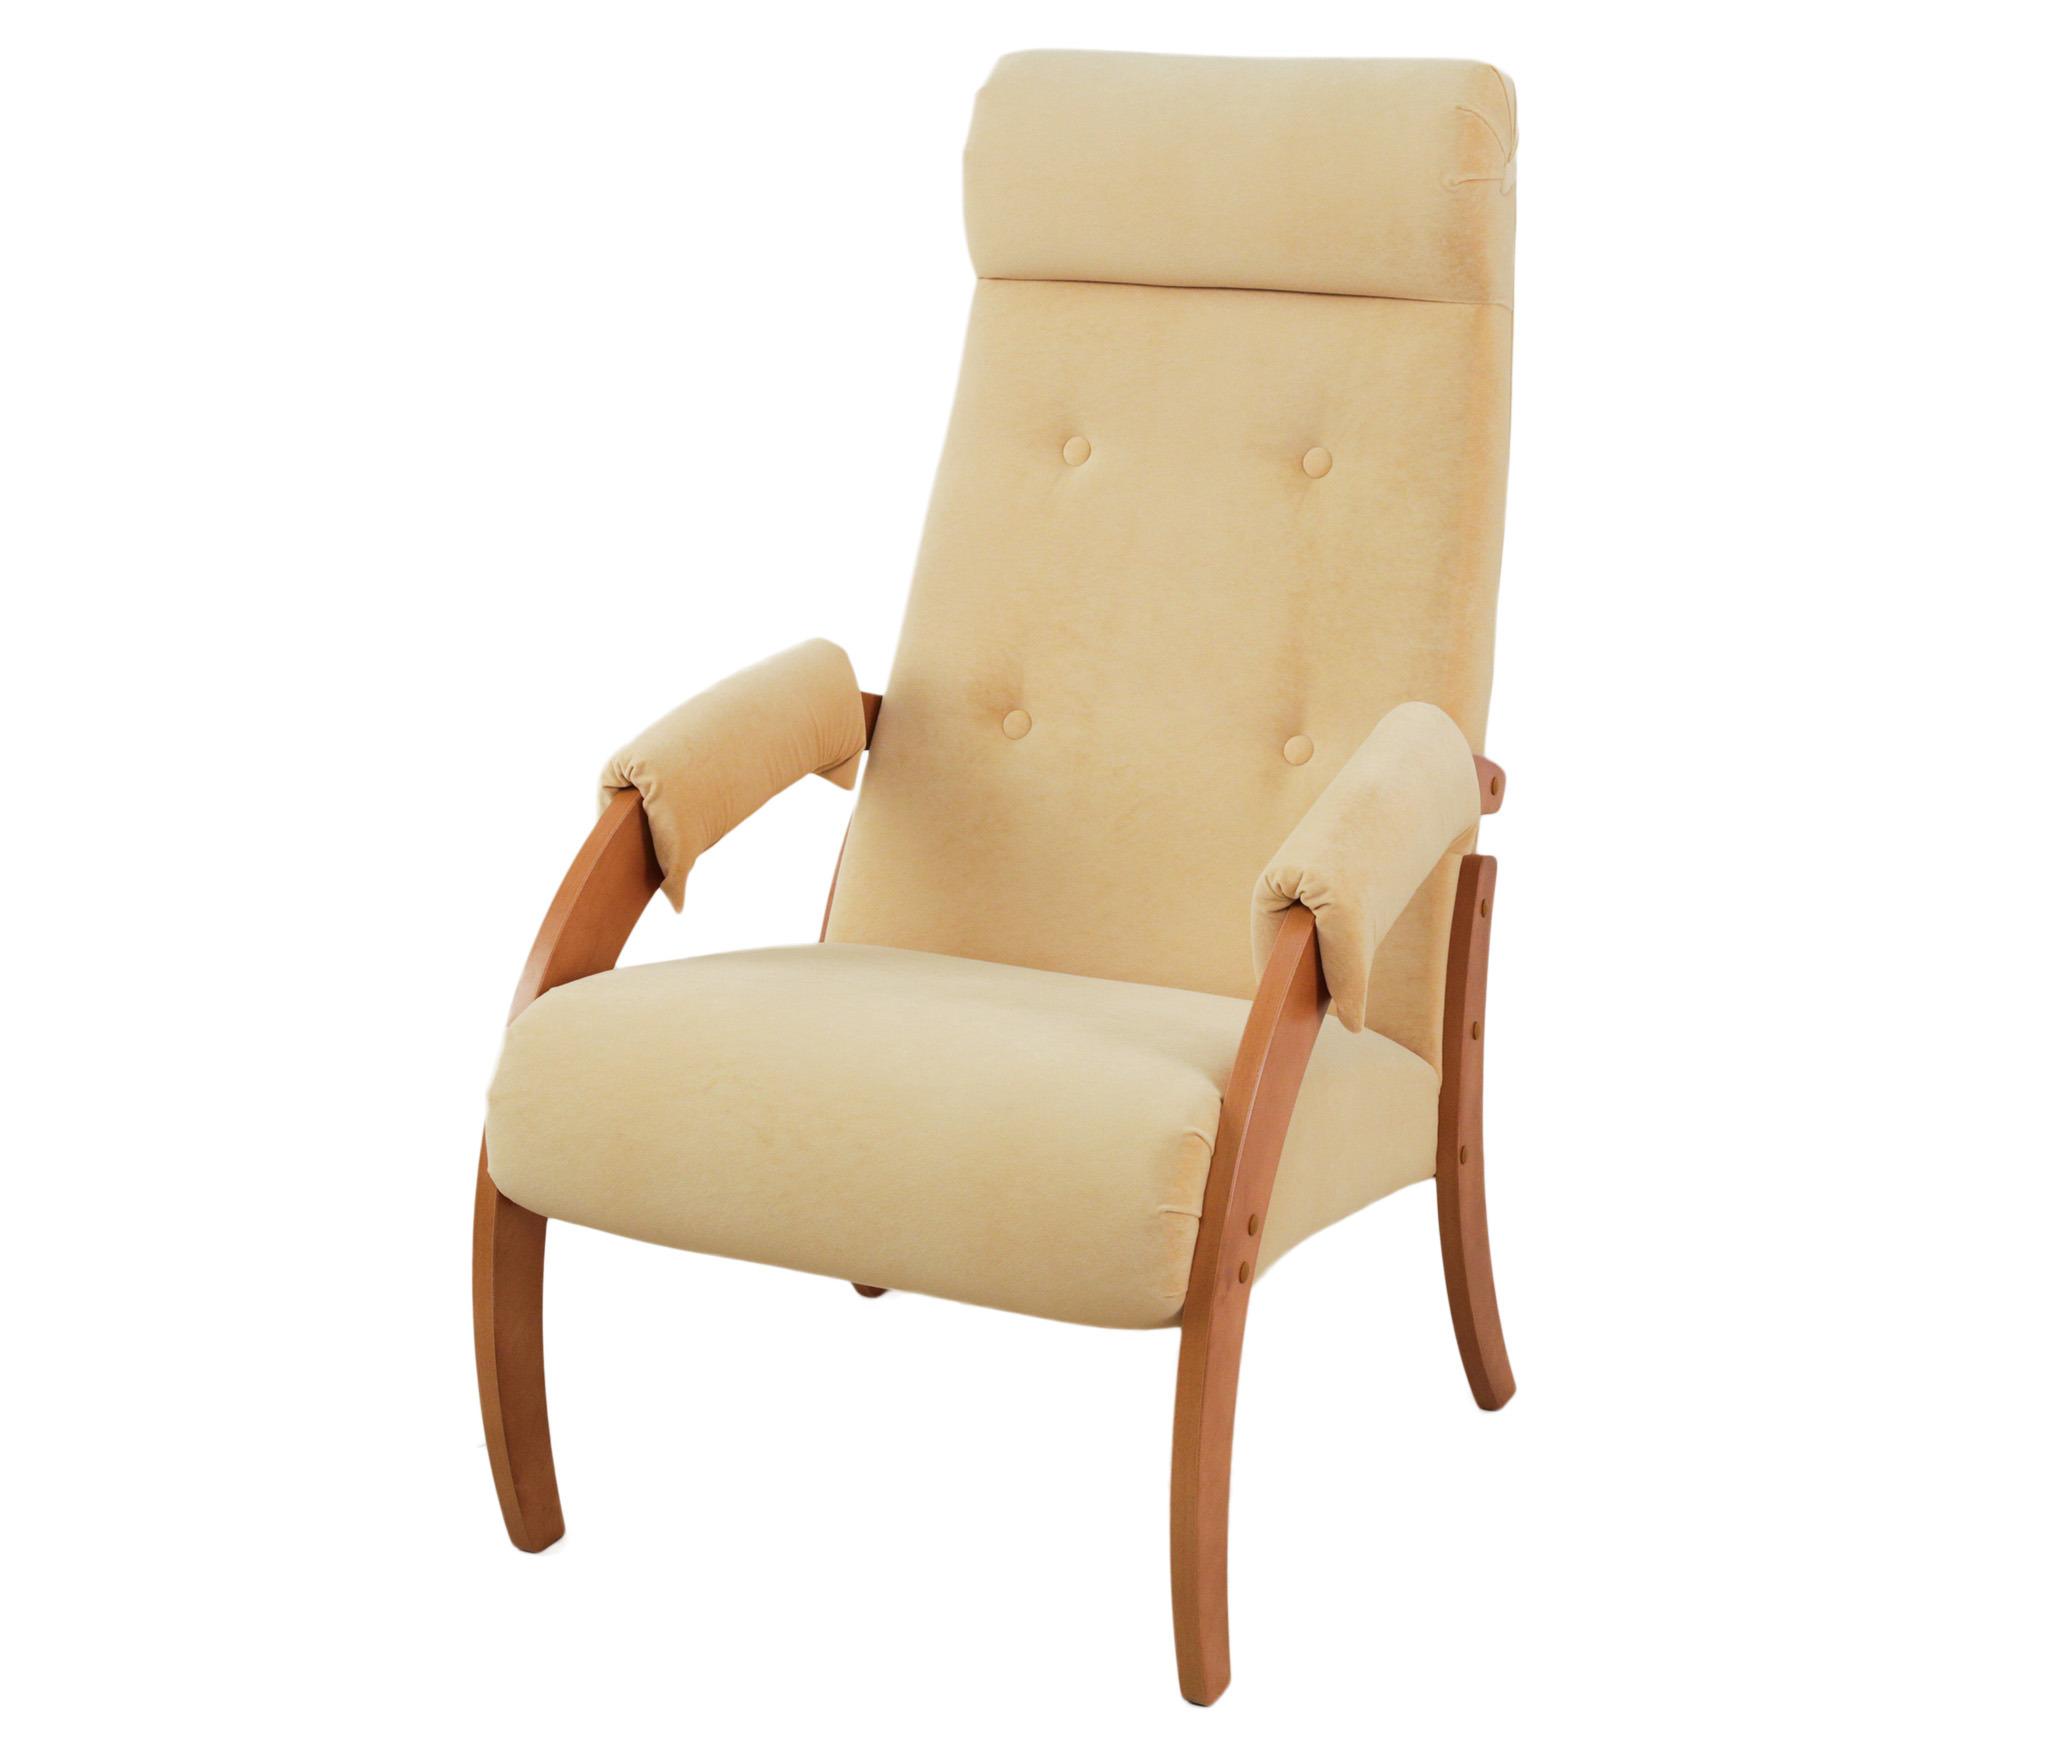 Кресло для отдыха Глория мягкие кресла